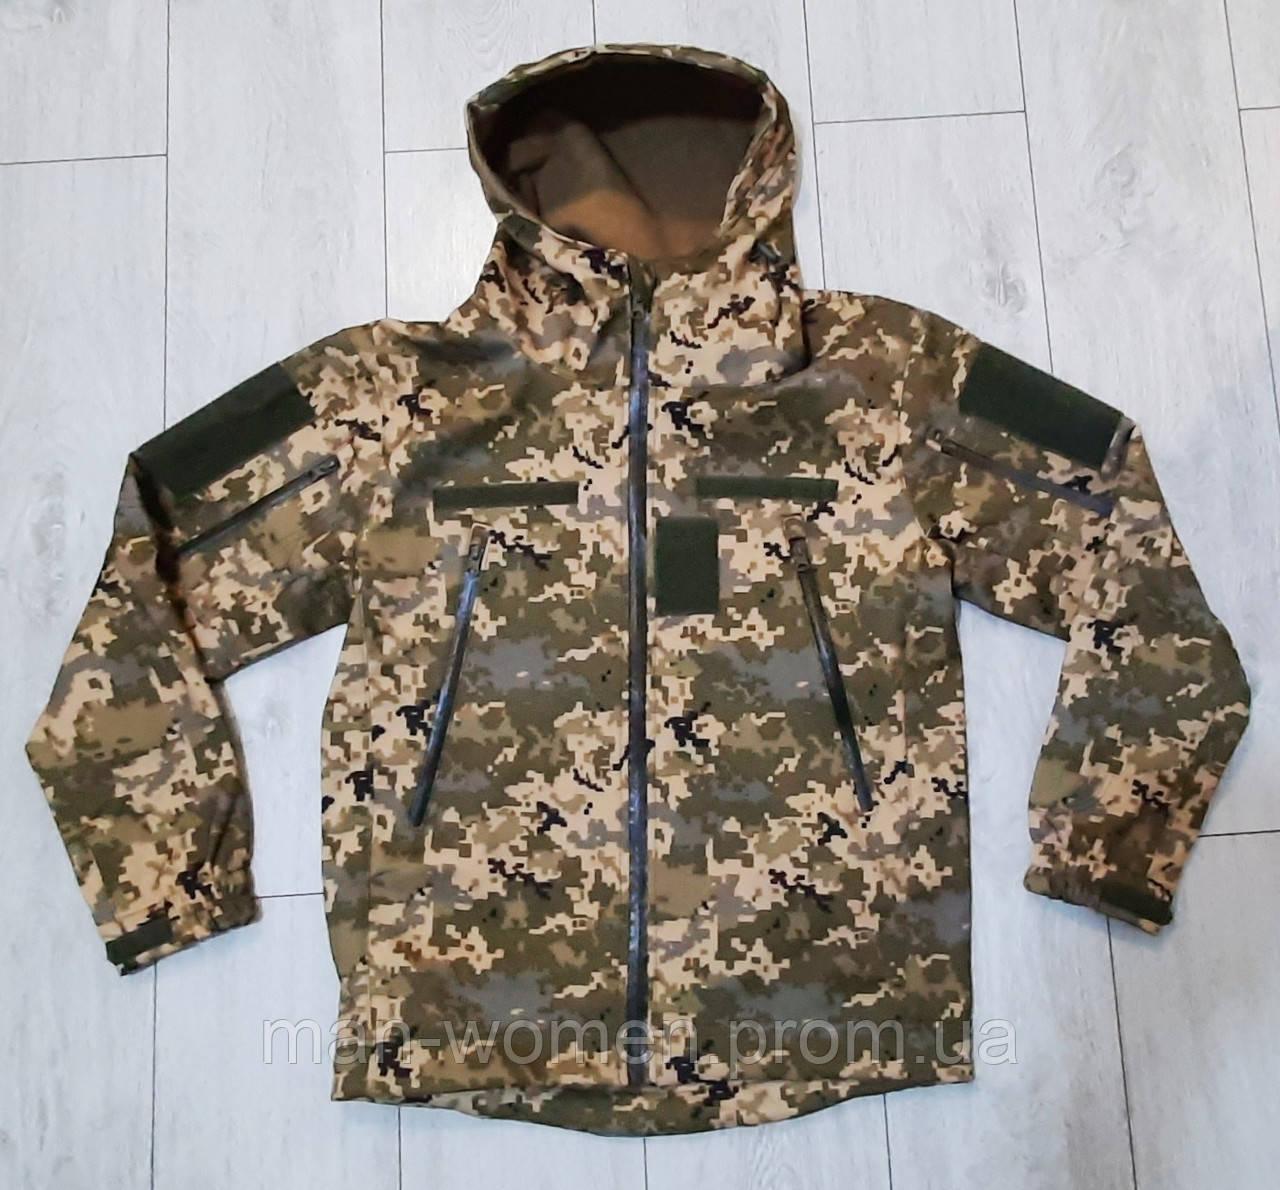 Куртка softshell пиксель ВСУ (ветровлагозащитная). Качество!